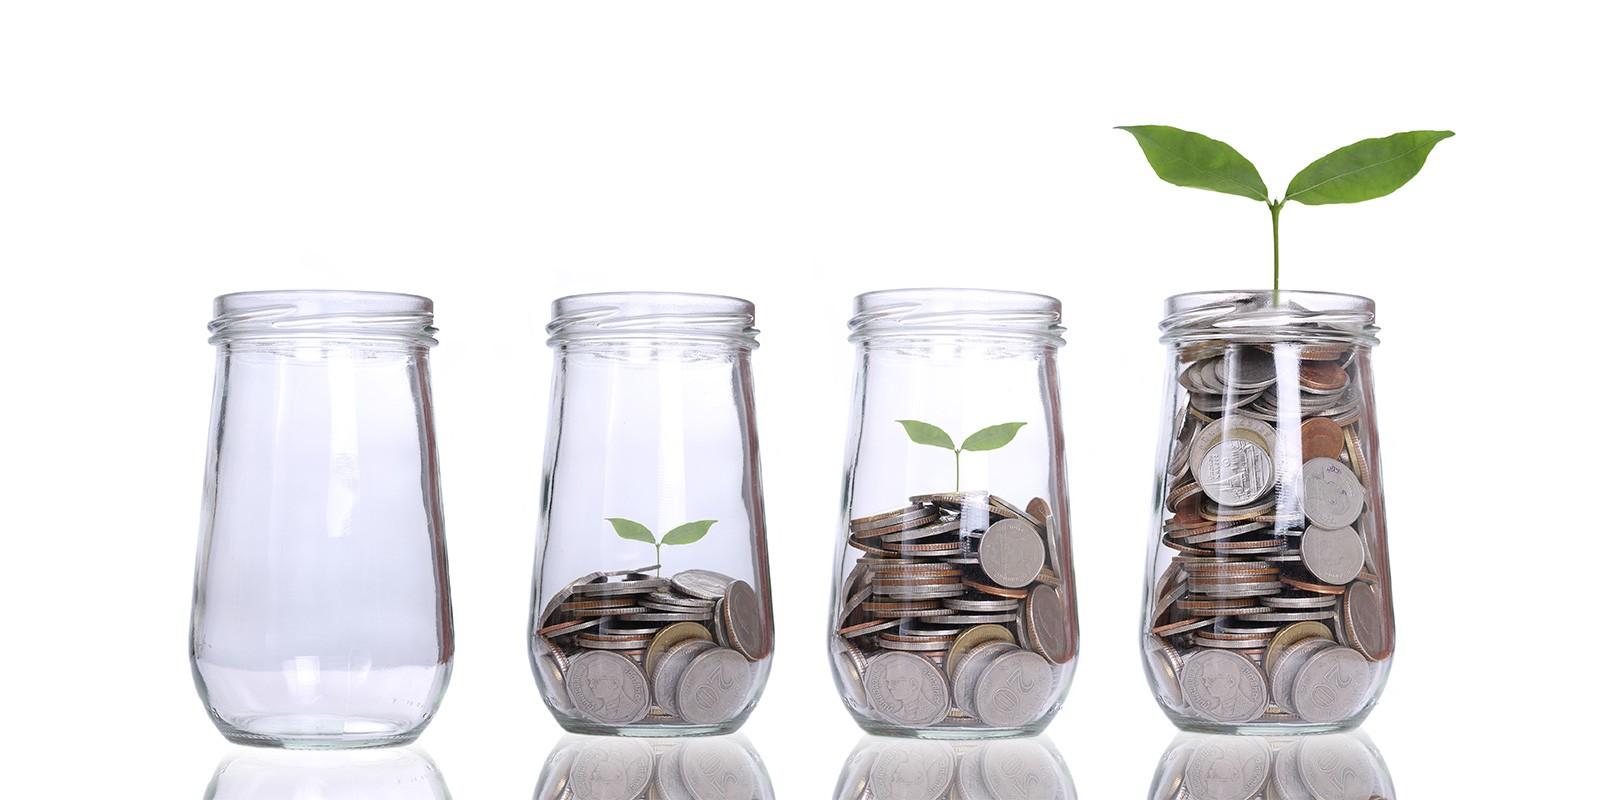 תן לנו לדאוג לעתיד הכלכלי של משפחתך